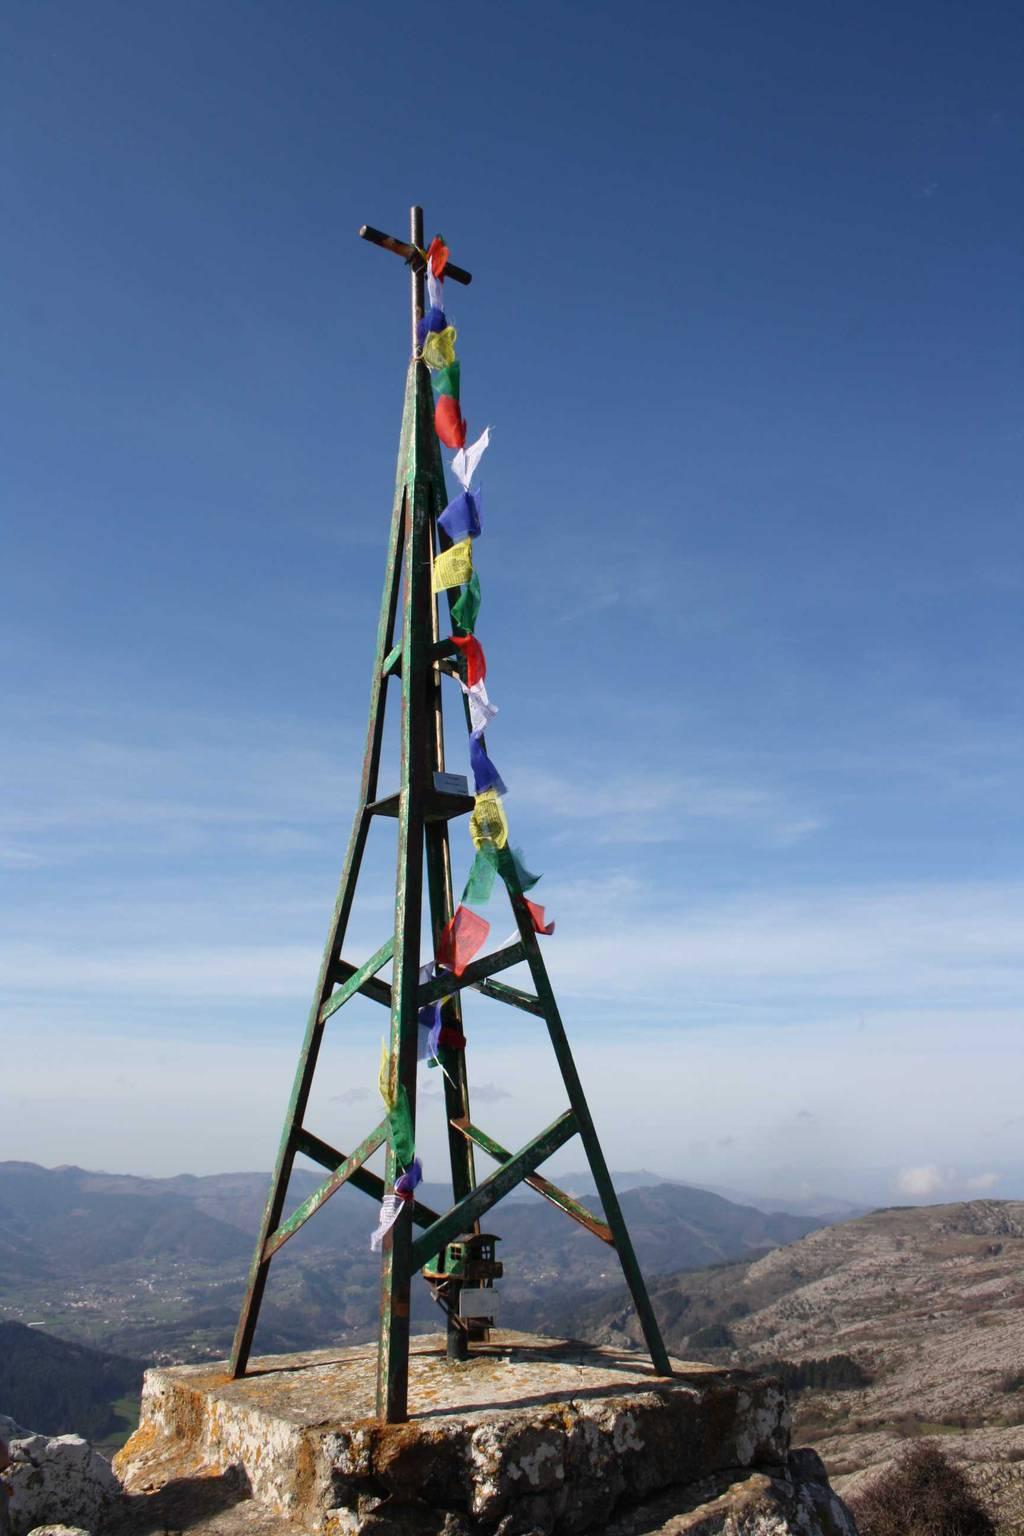 ainara txertudi erabiltzailea Pico de la Cruz puntan, 2019-03-02 15:43